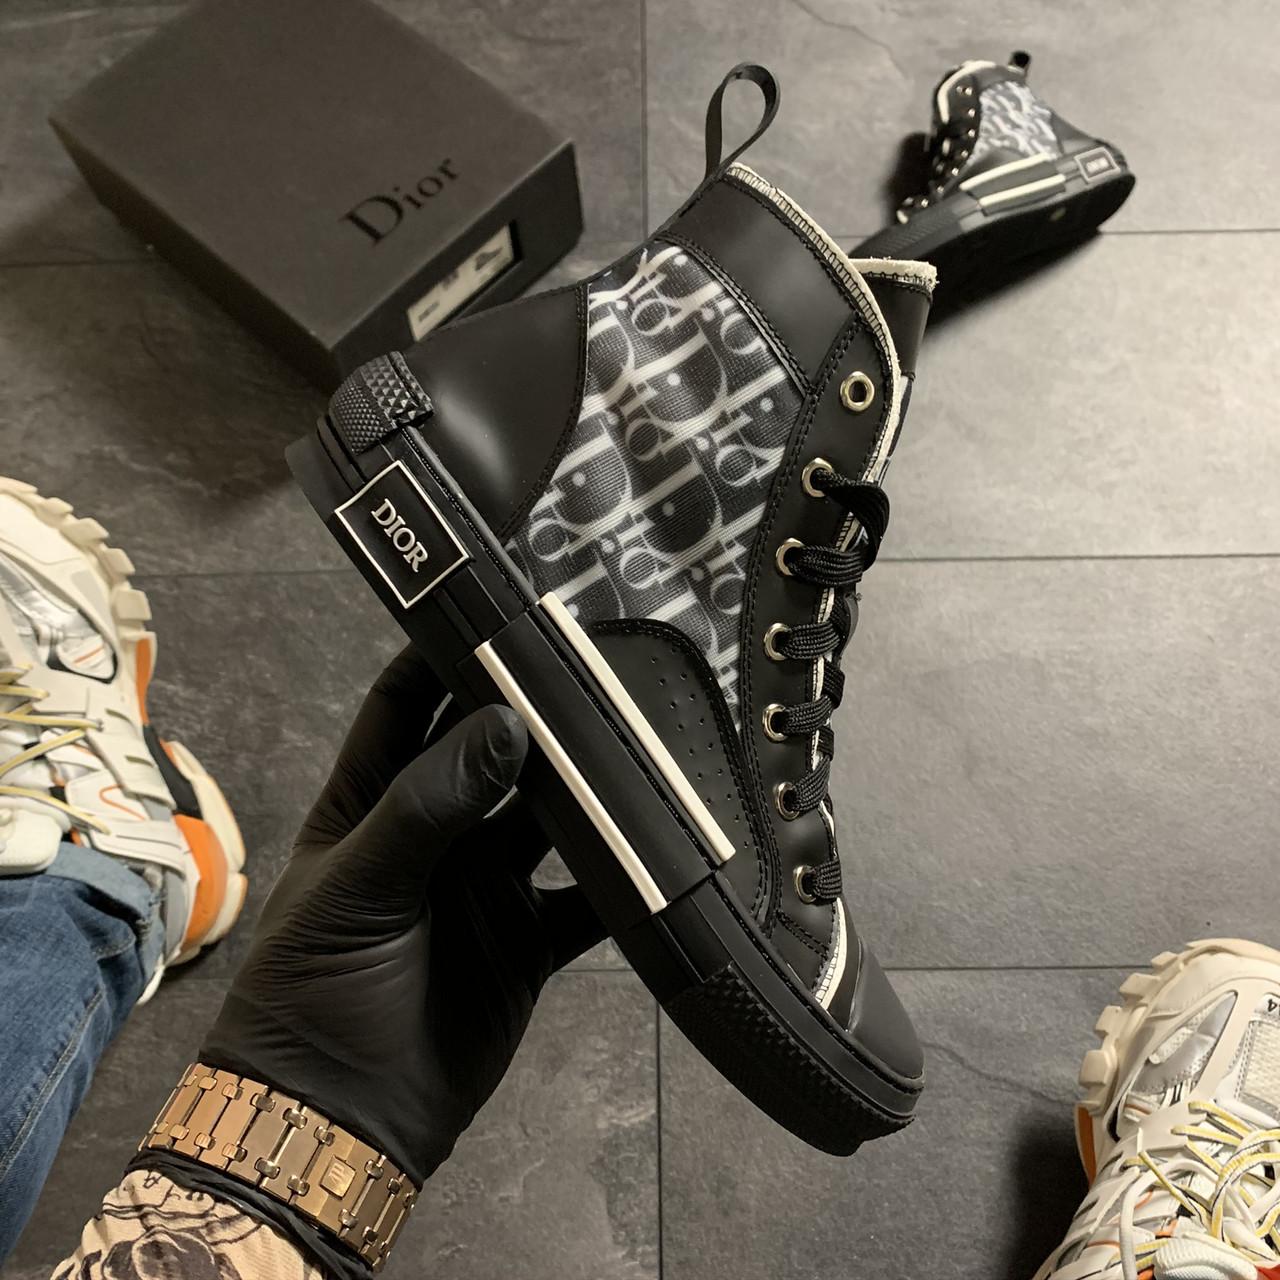 Женские кроссовки Dior B23 High-Top Sneakers Black, женские кроссовки диор б23 хайтоп